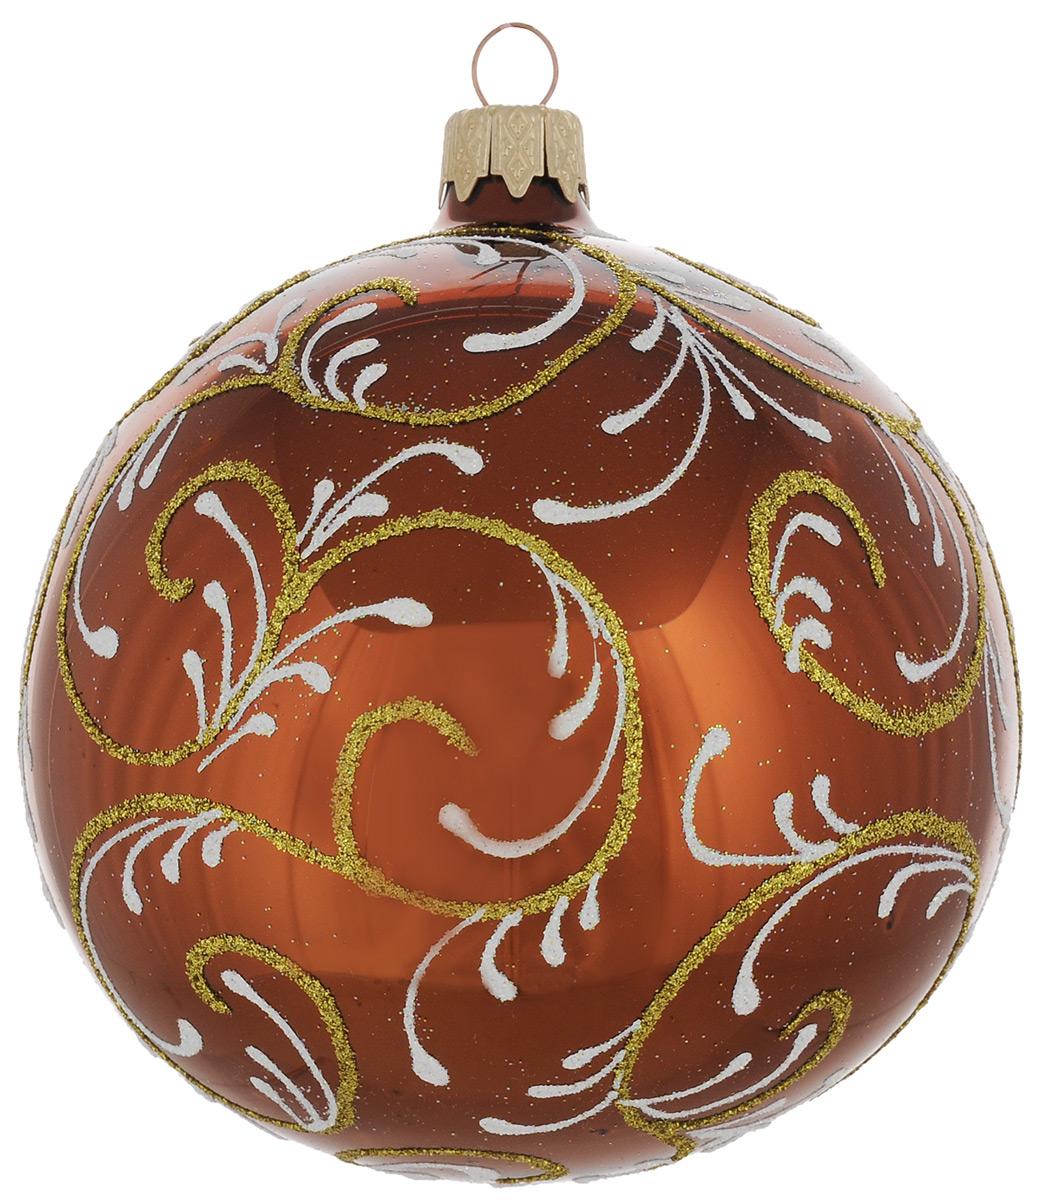 Новогоднее подвесное украшение Узор, цвет: коричневый, диаметр 10 см. Ручная роспись38254Новогоднее украшение Узор отлично подойдет для украшения вашего дома и новогодней ели. Игрушка выполнена из тонкого стекла в виде шара и декорирована изысканными узорами из блесток. Украшение оснащено специальной металлической петелькой, в которую можно продеть нитку или ленту для подвешивания. Елочная игрушка - символ Нового года. Она несет в себе волшебство и красоту праздника. Создайте в своем доме атмосферу веселья и радости, украшая всей семьей новогоднюю елку нарядными игрушками, которые будут из года в год накапливать теплоту воспоминаний.